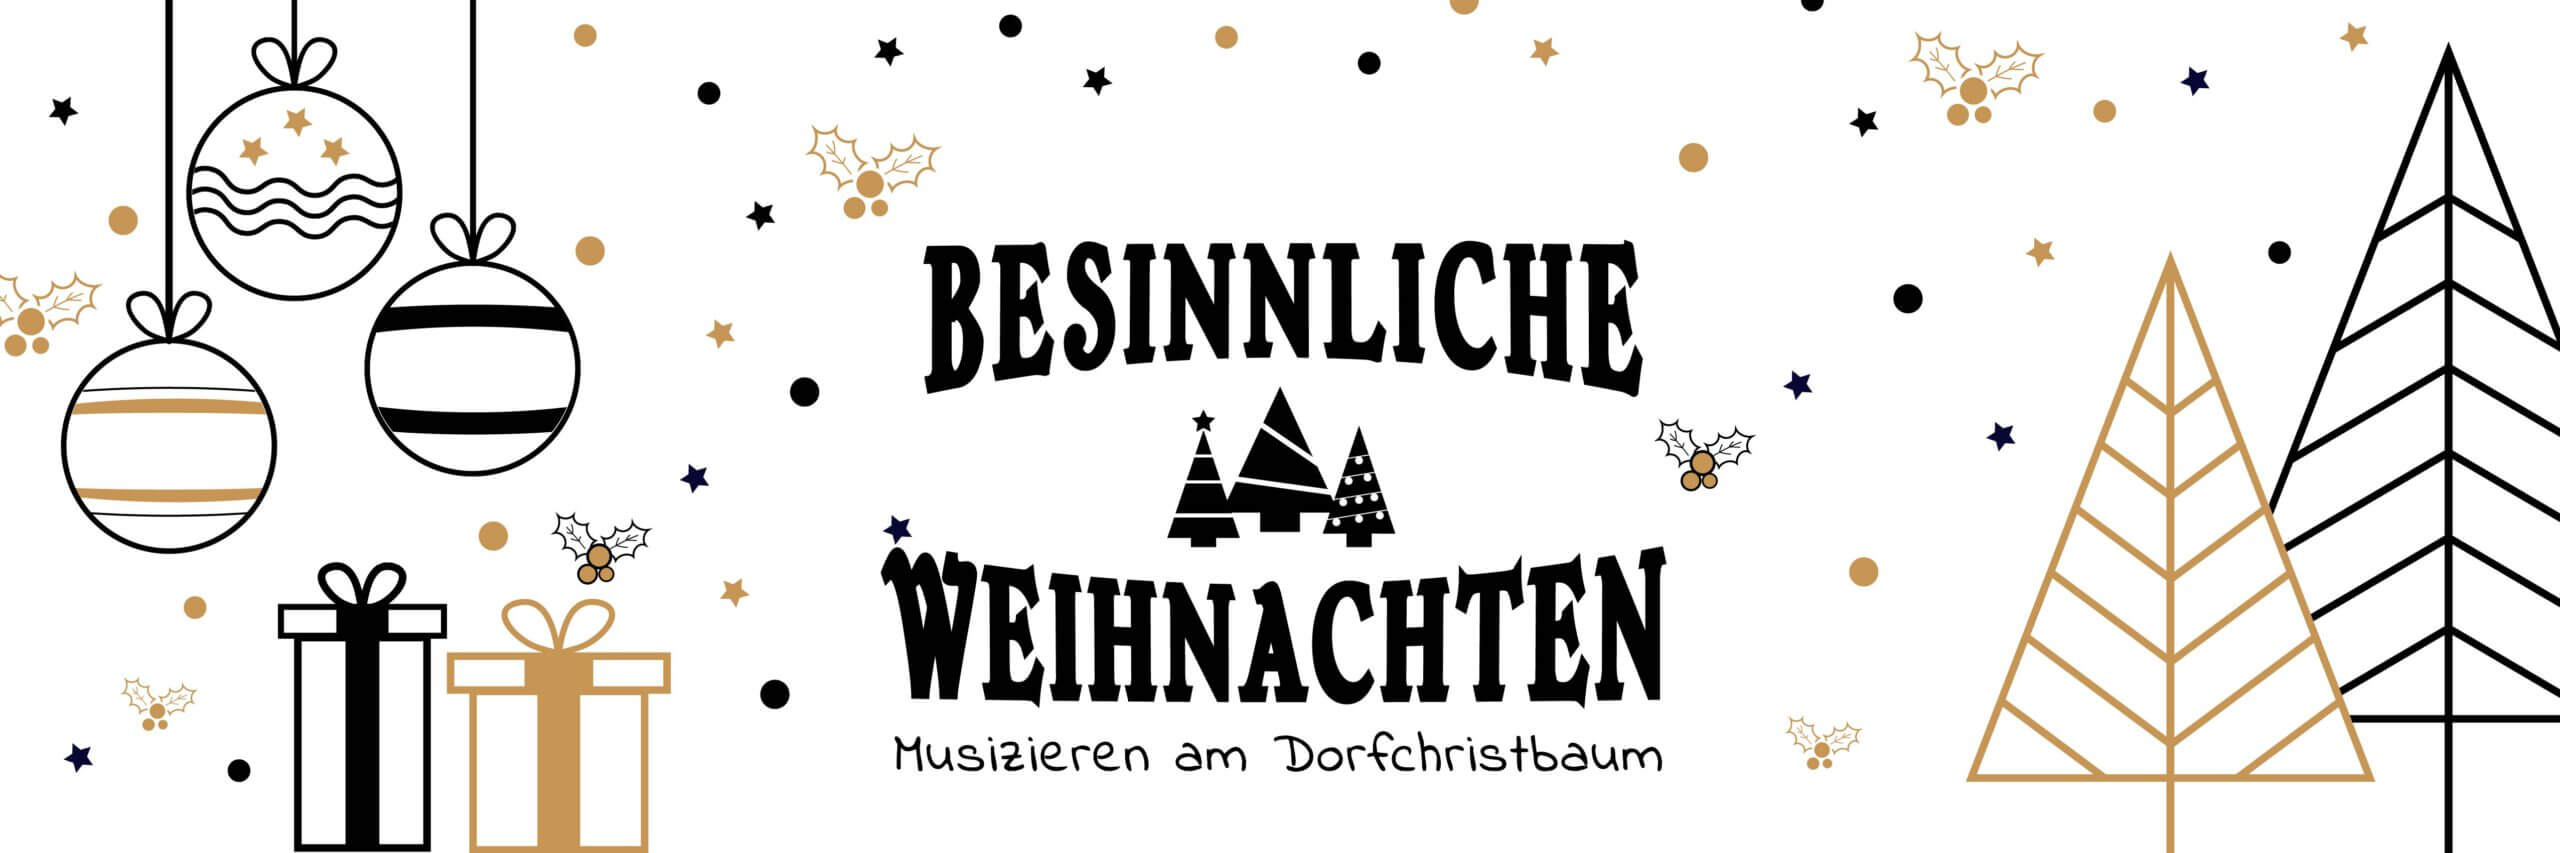 Musizieren am Dorfchristbaum-01